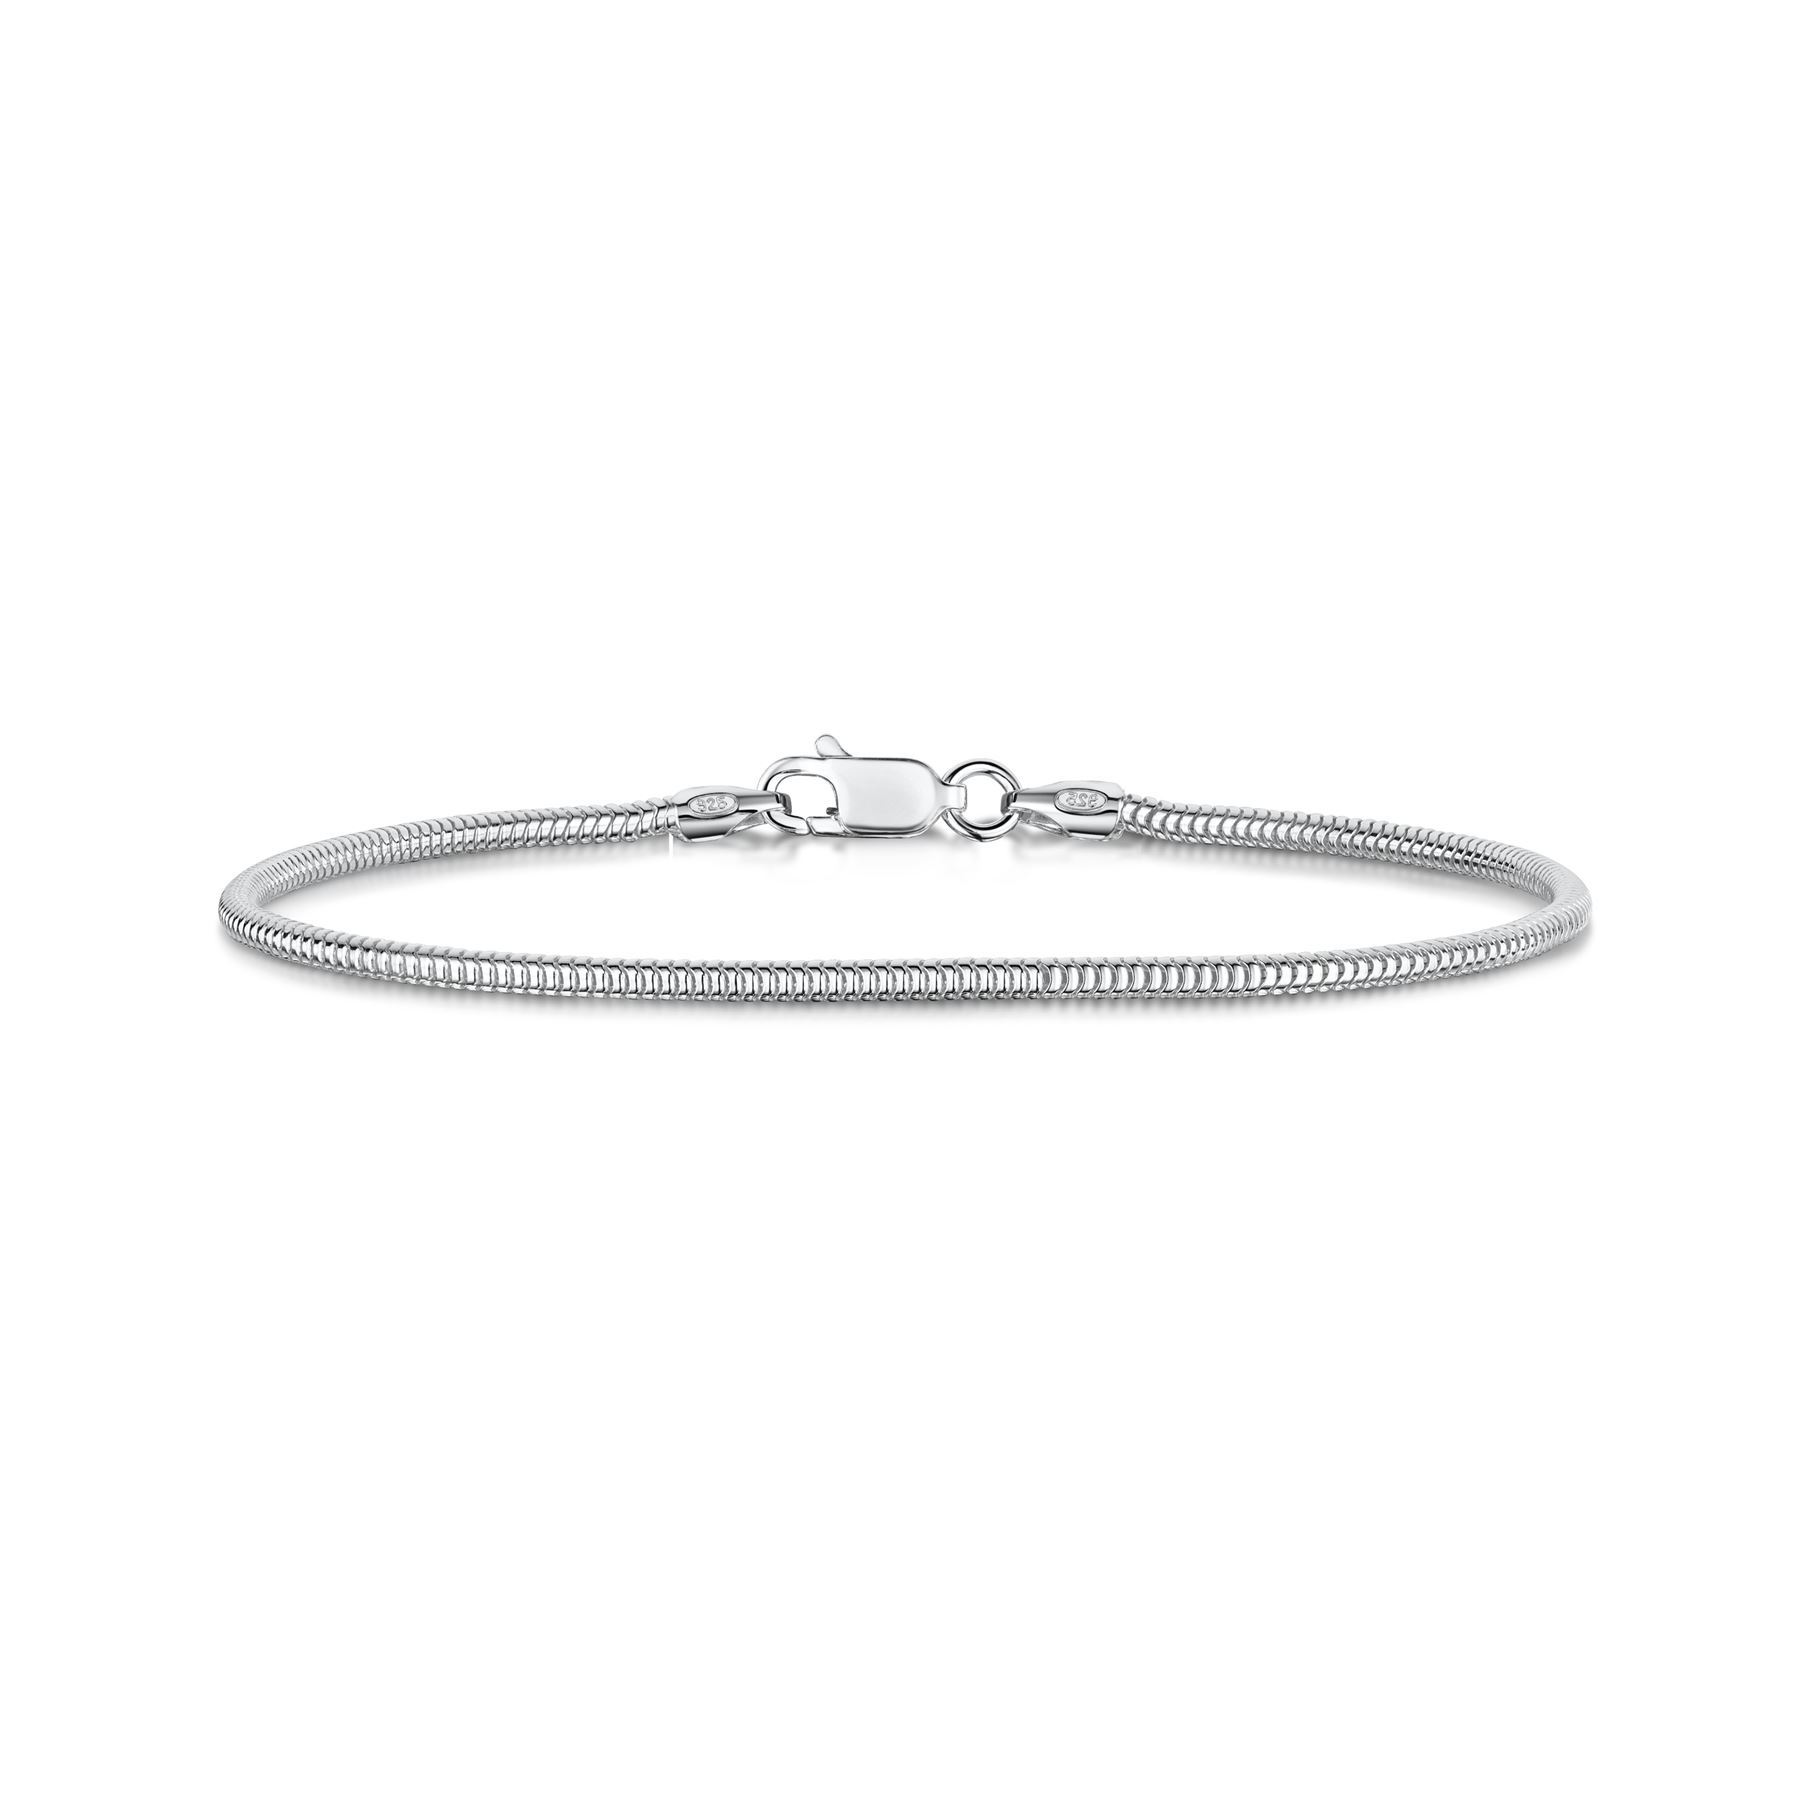 Amberta-Bijoux-Bracelet-en-Vrai-Argent-Sterling-925-Chaine-pour-Femme-a-la-Mode thumbnail 39